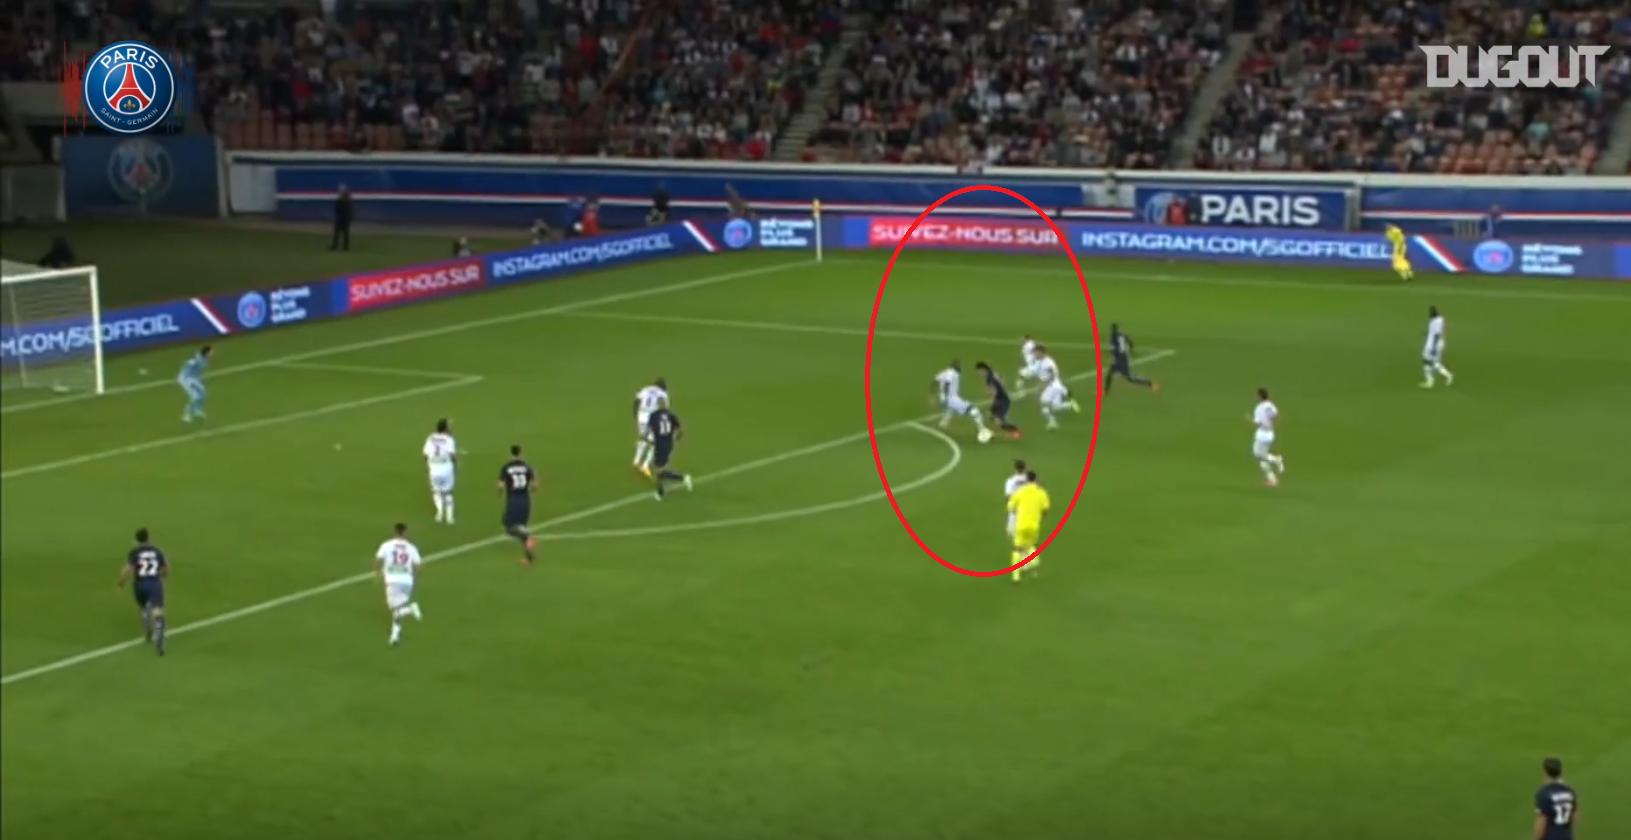 Football - Ligue 1 - Il y a 6 ans, Cavani signait au PSG : son sublime premier but en Ligue 1 en vidéo